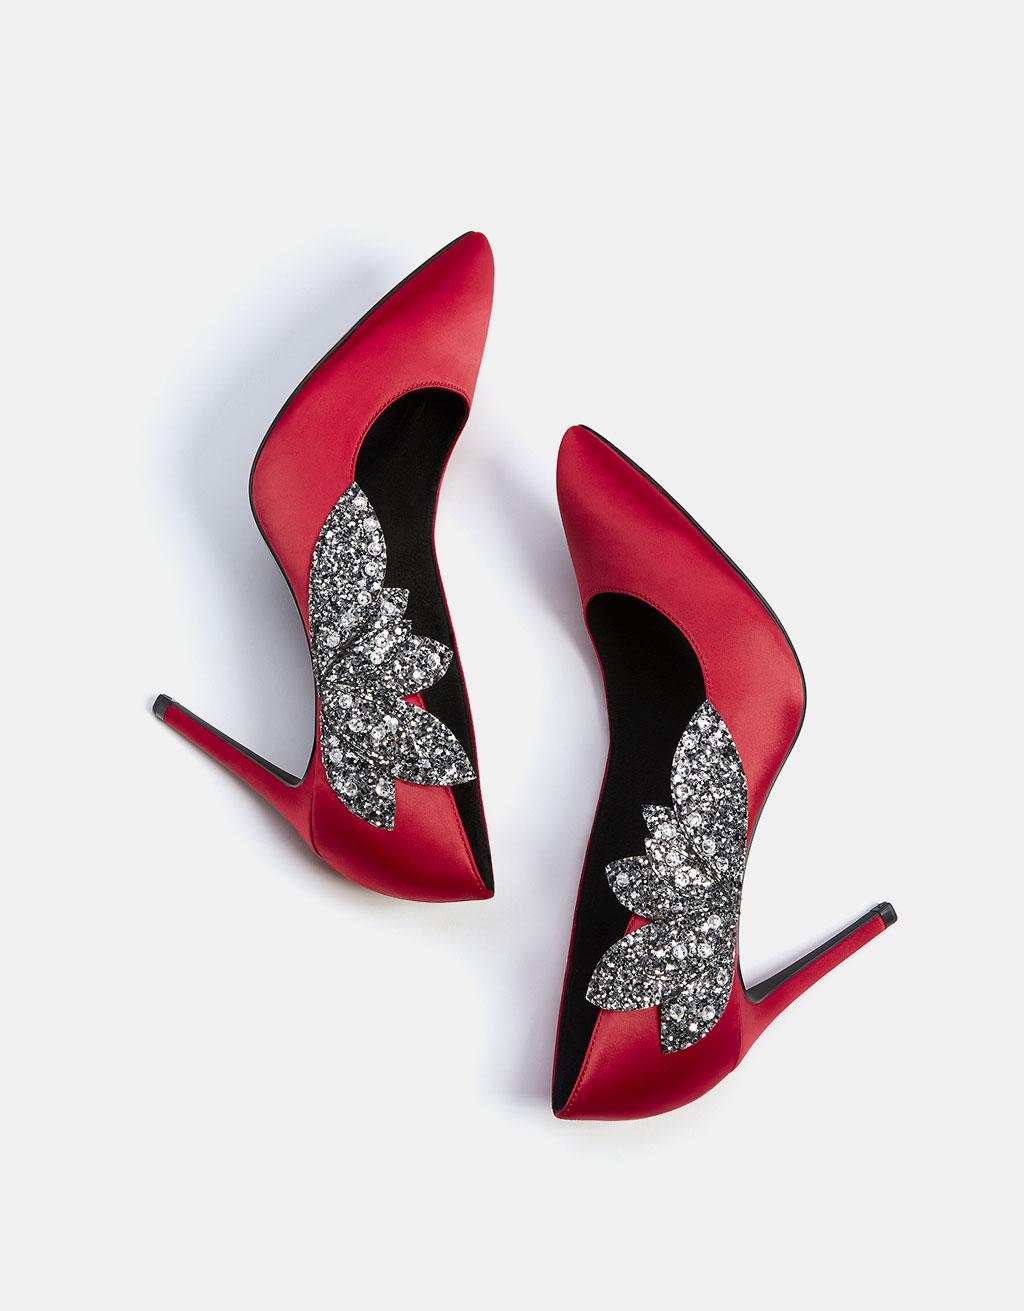 Satijnen schoen met smalle hak en juweelapplicaties